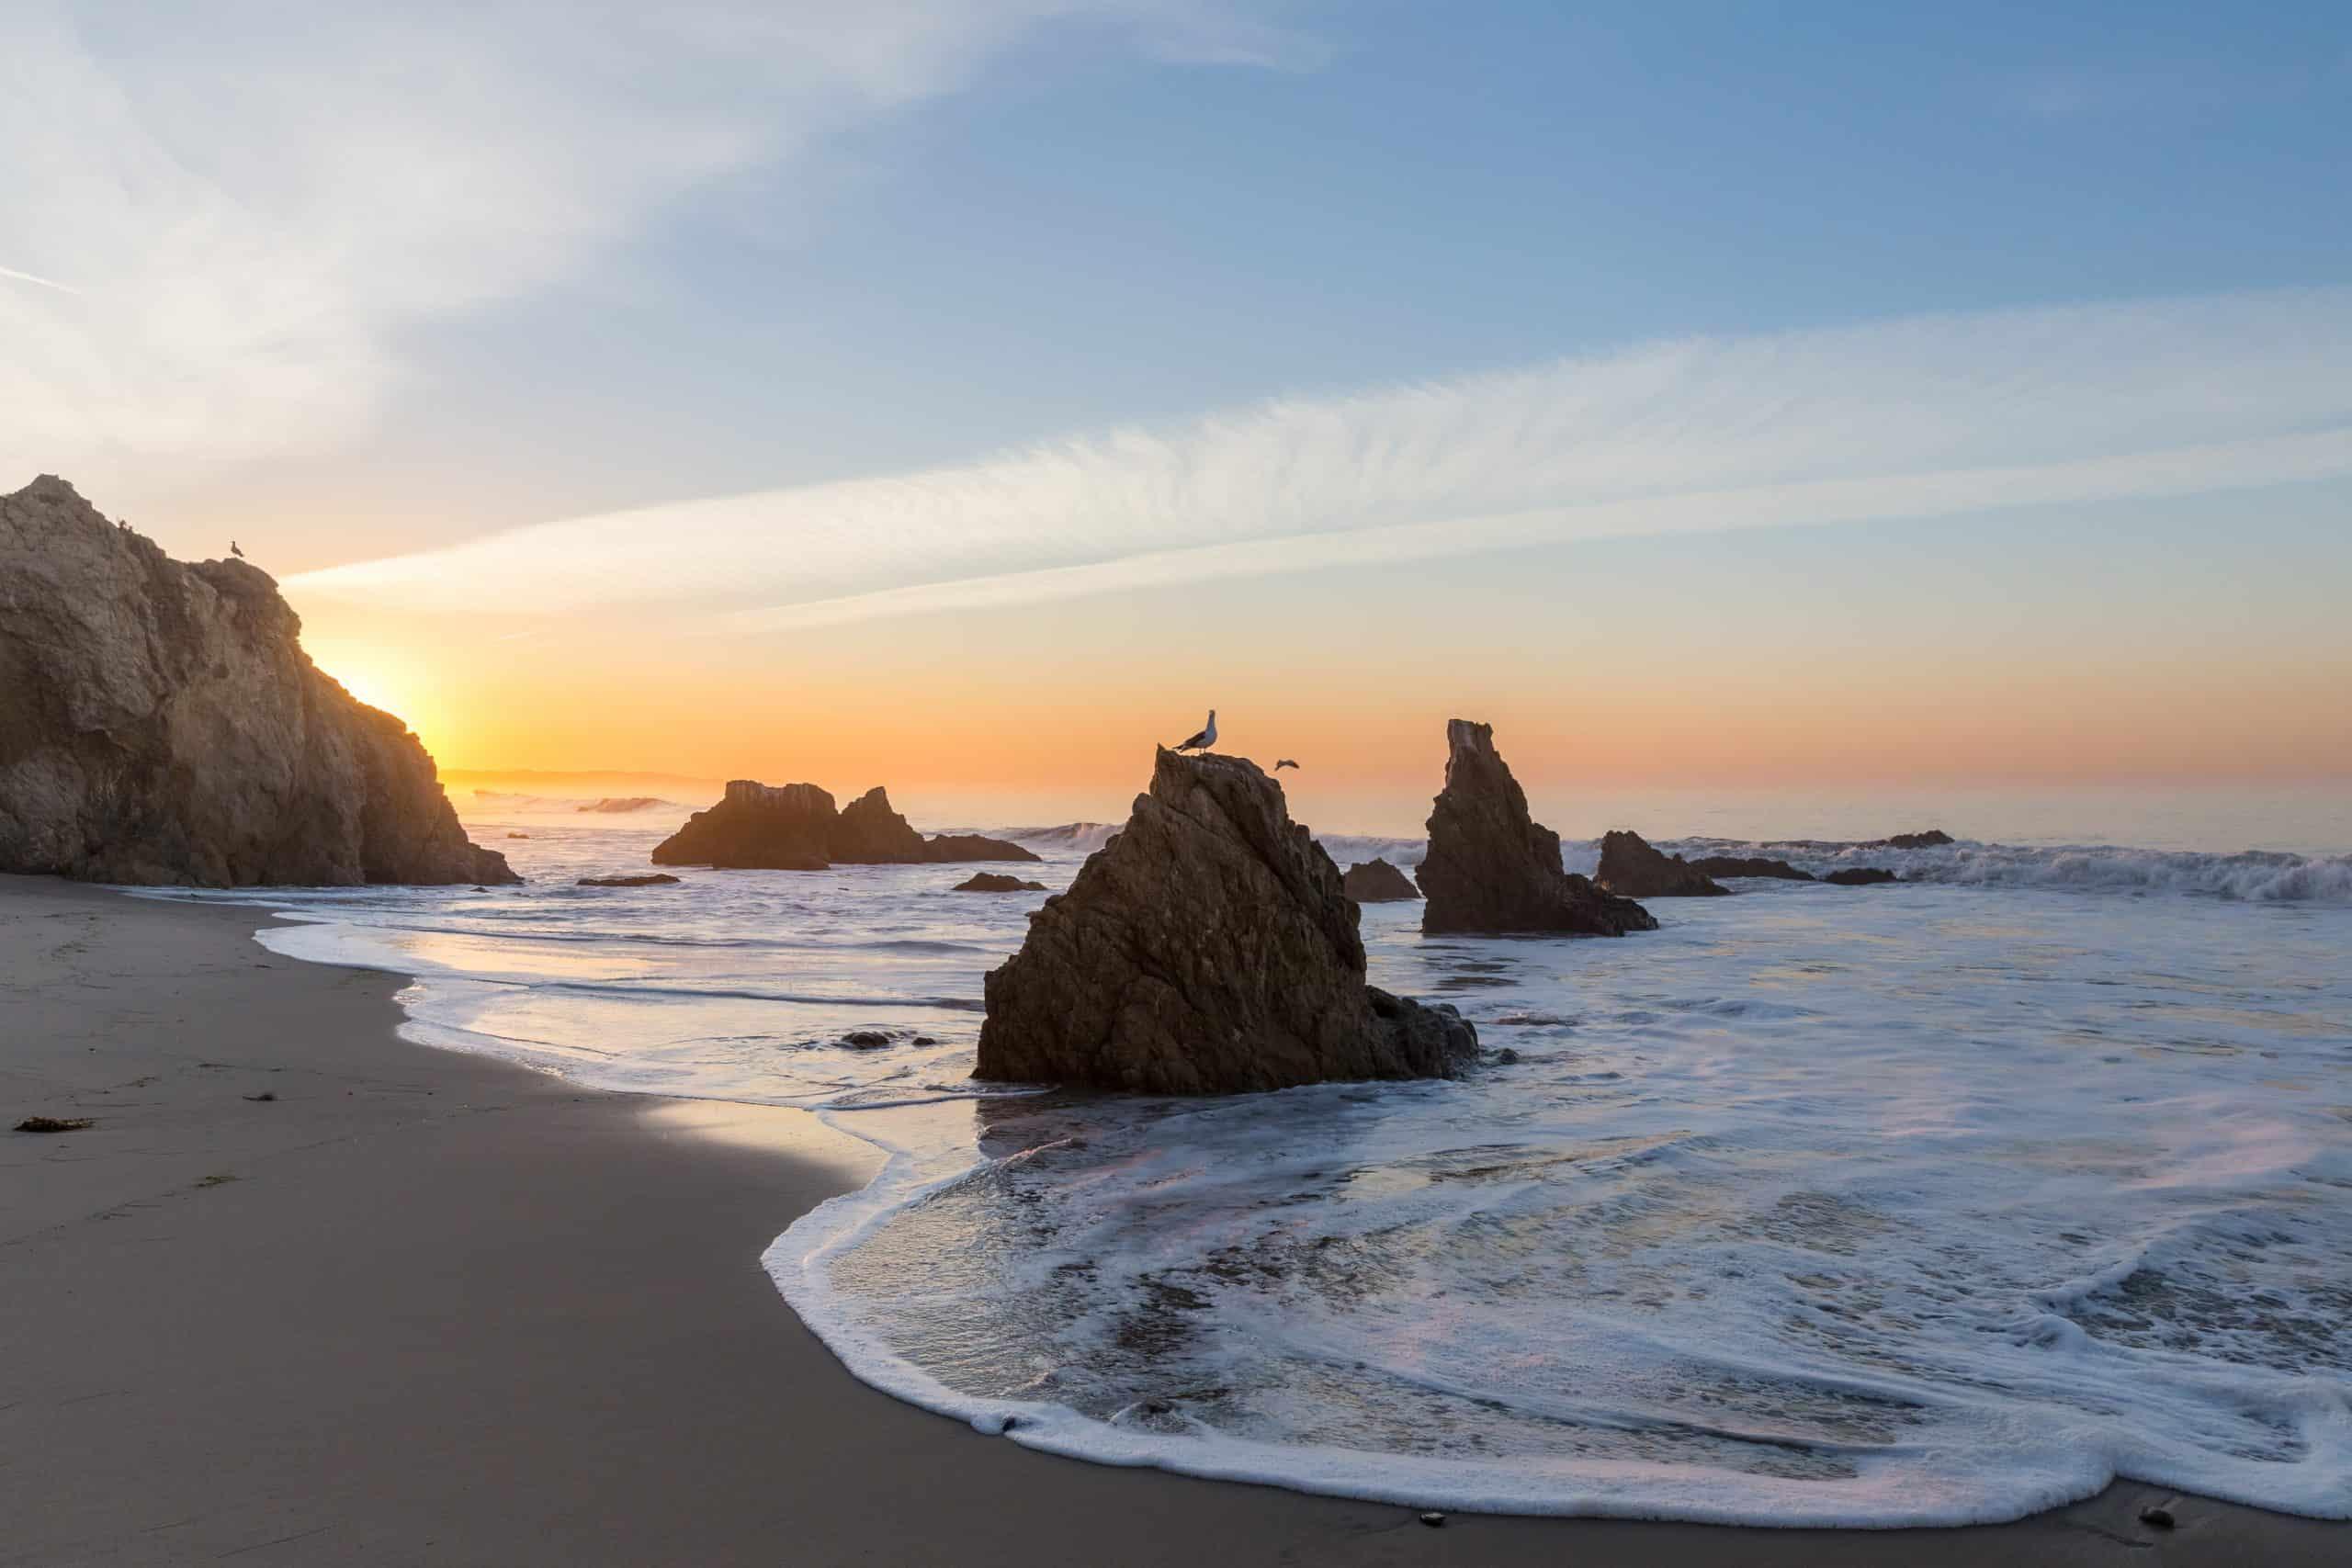 Rocks and sunset at El Matador Beach.